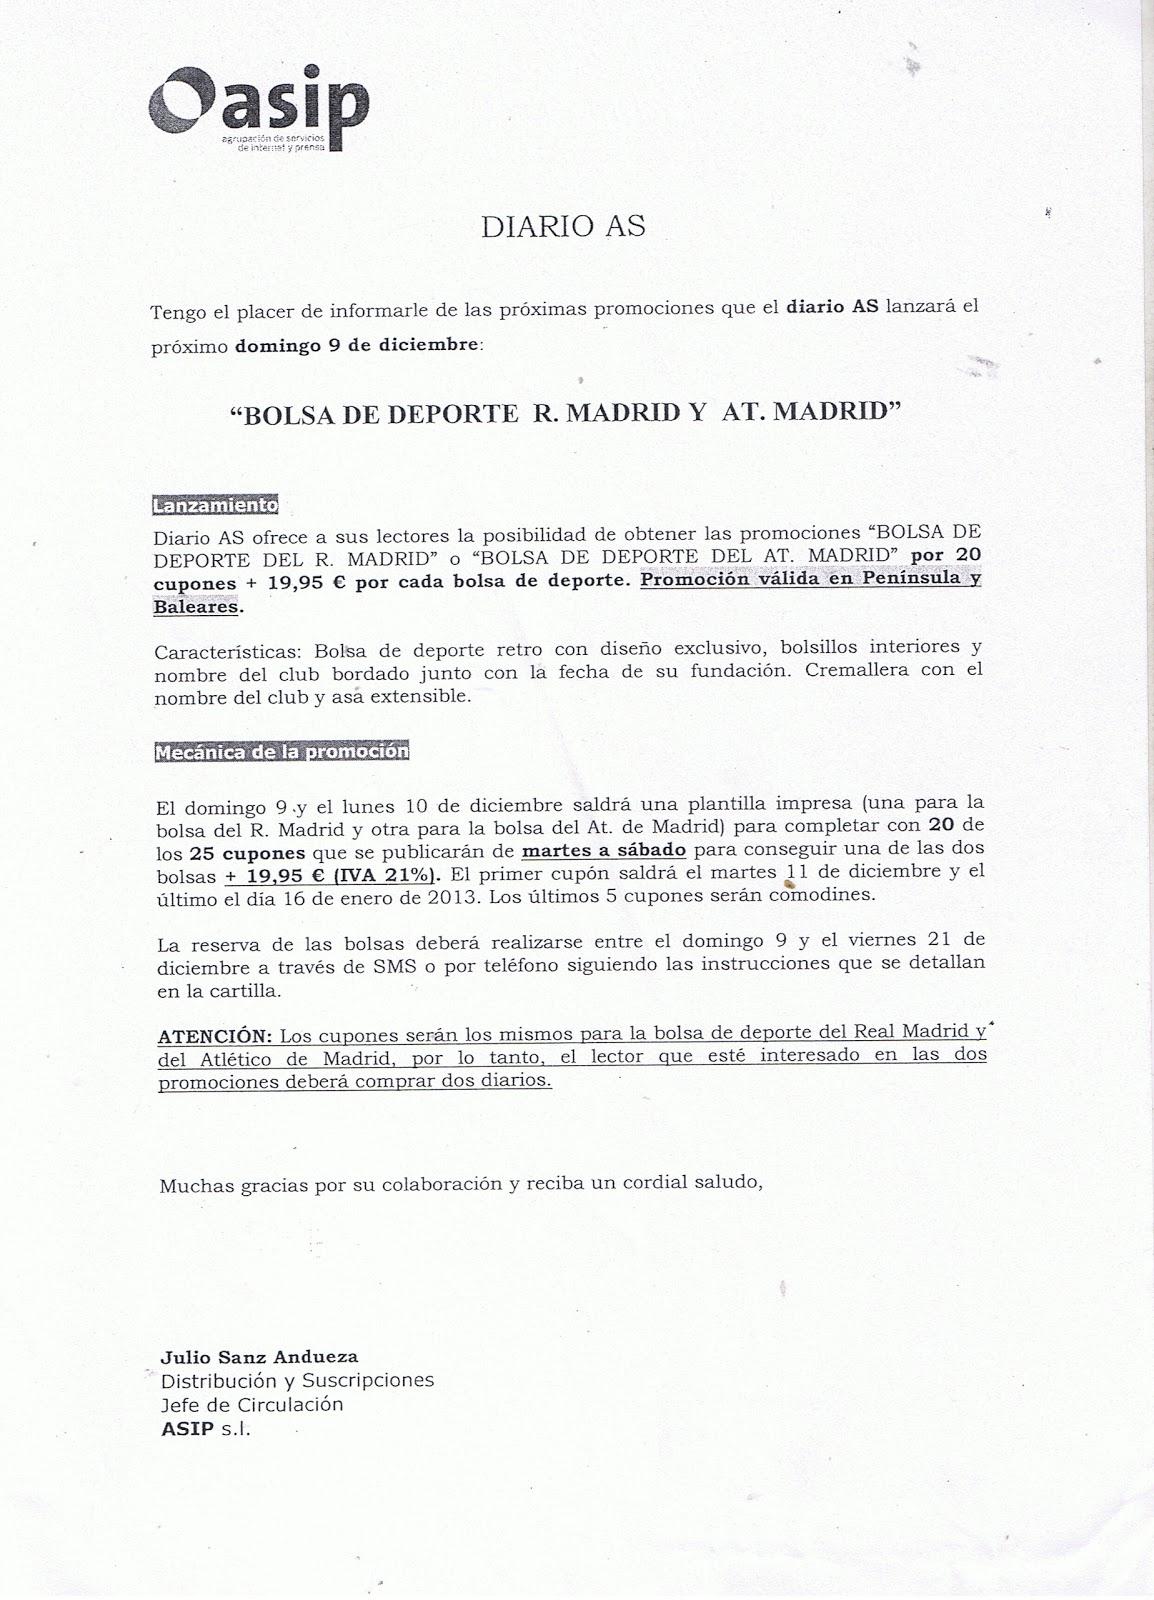 97b7a7aac1424 Vendedores de Prensa y Revistas Ciudad de Sevilla  Bolsa de deporte ...